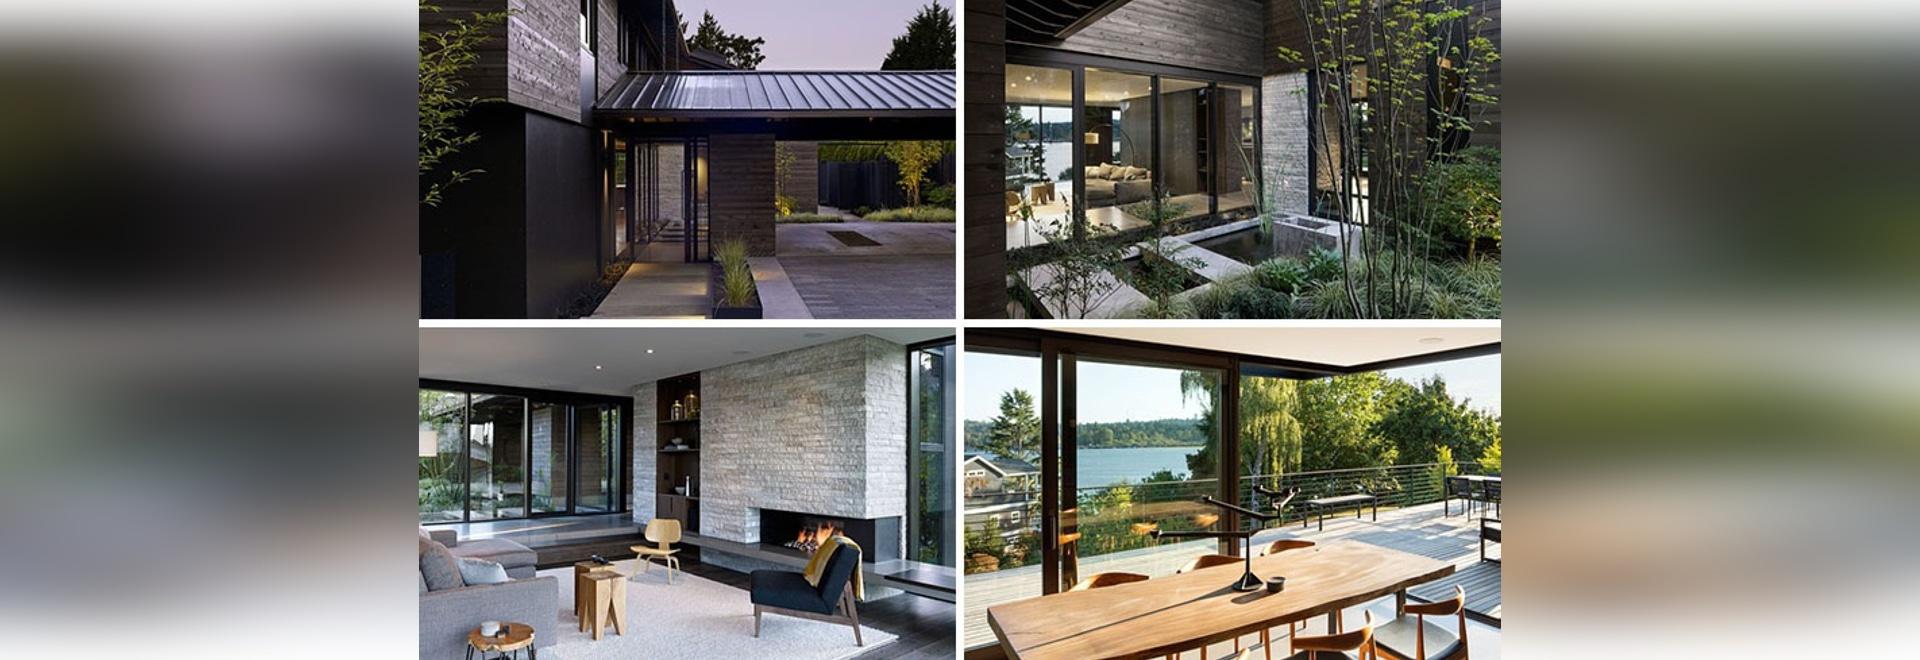 Dieses sechziger Jahre Haus in Seattle wurde eine zeitgenössische ...